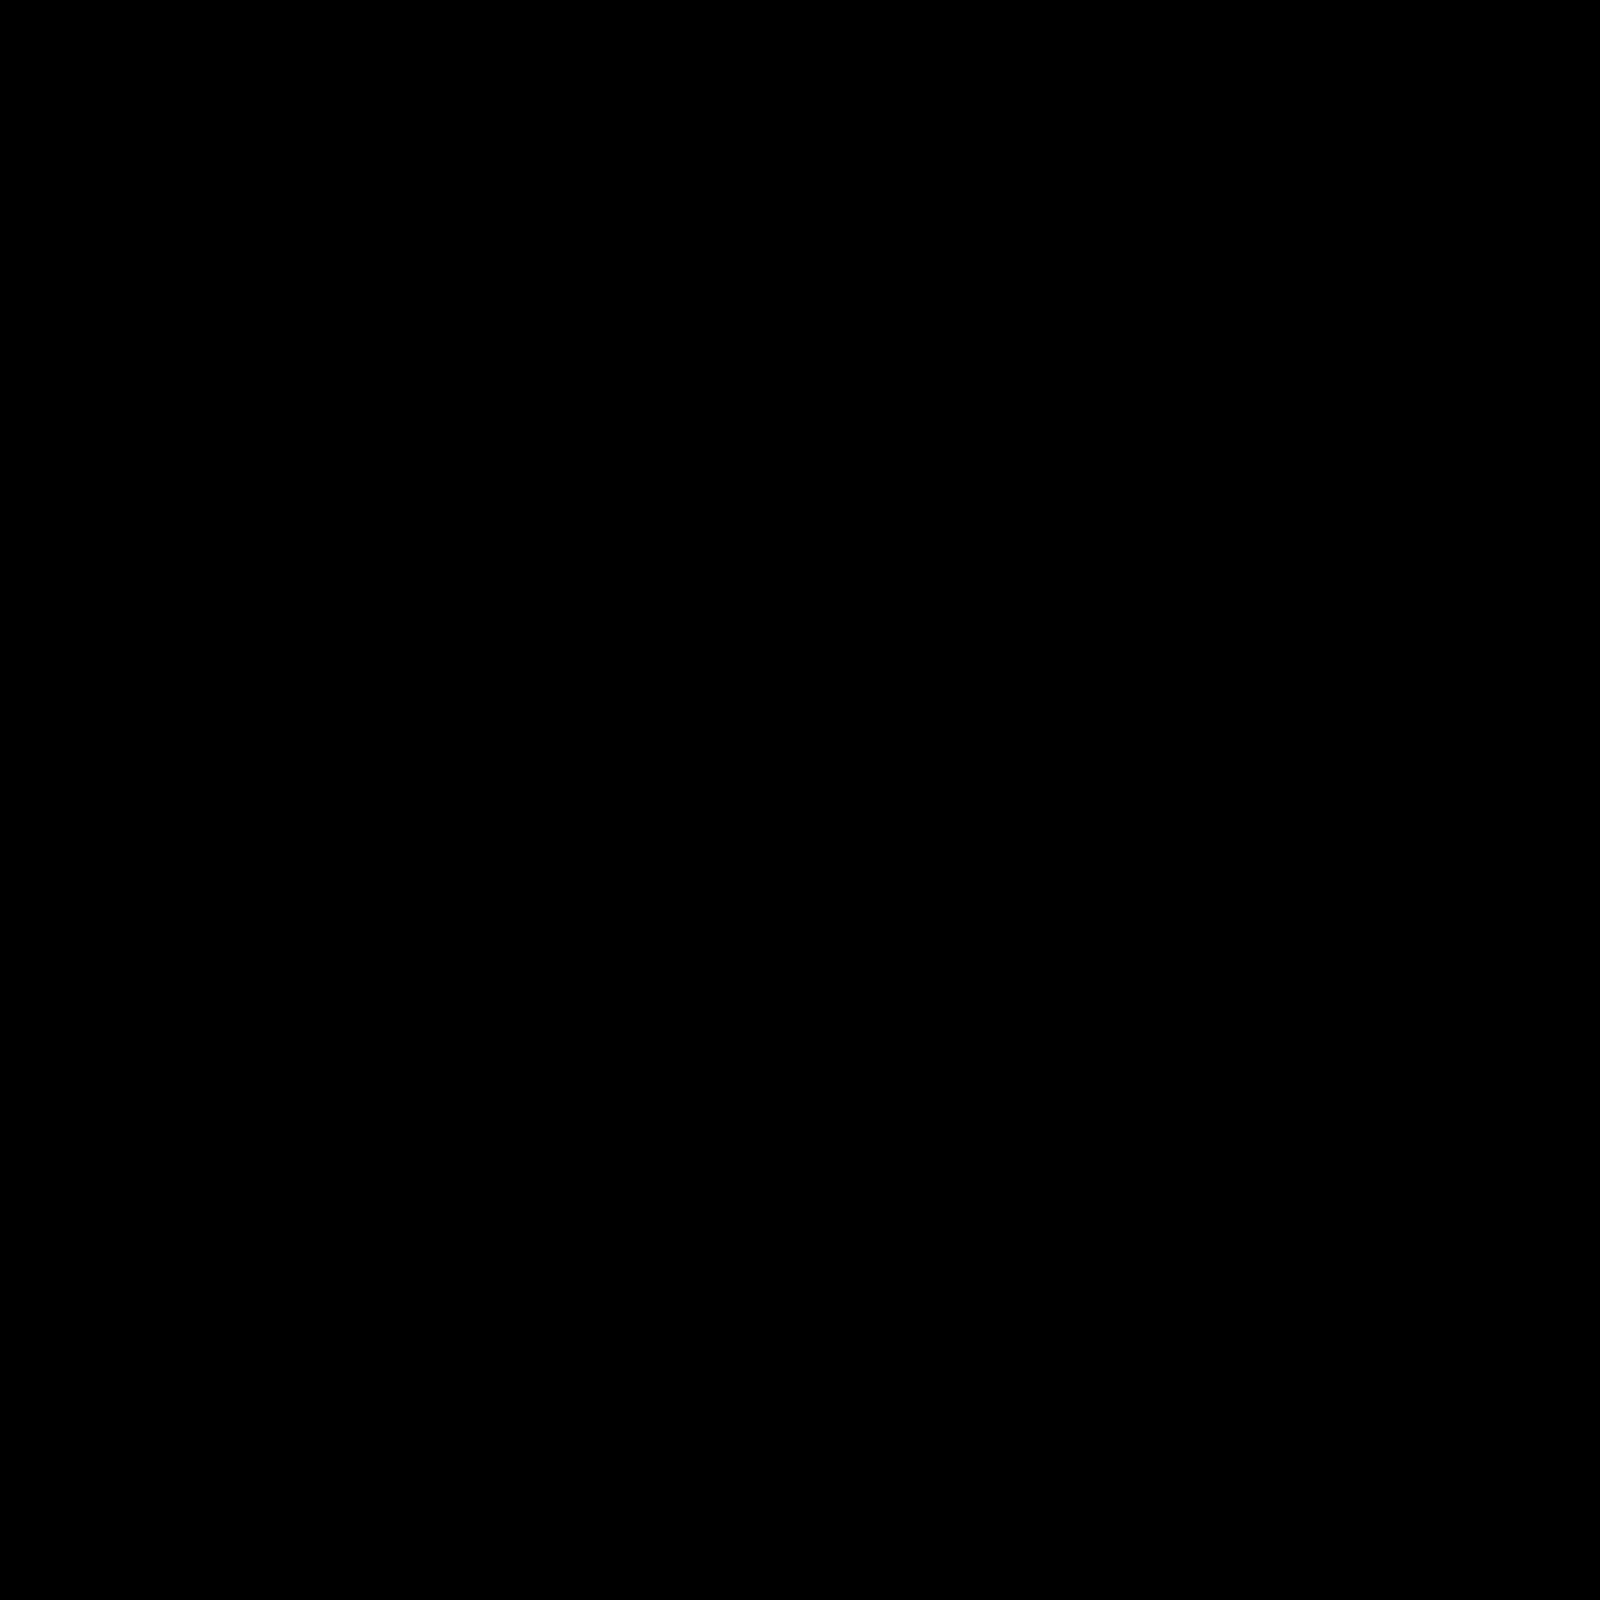 Komputer icon